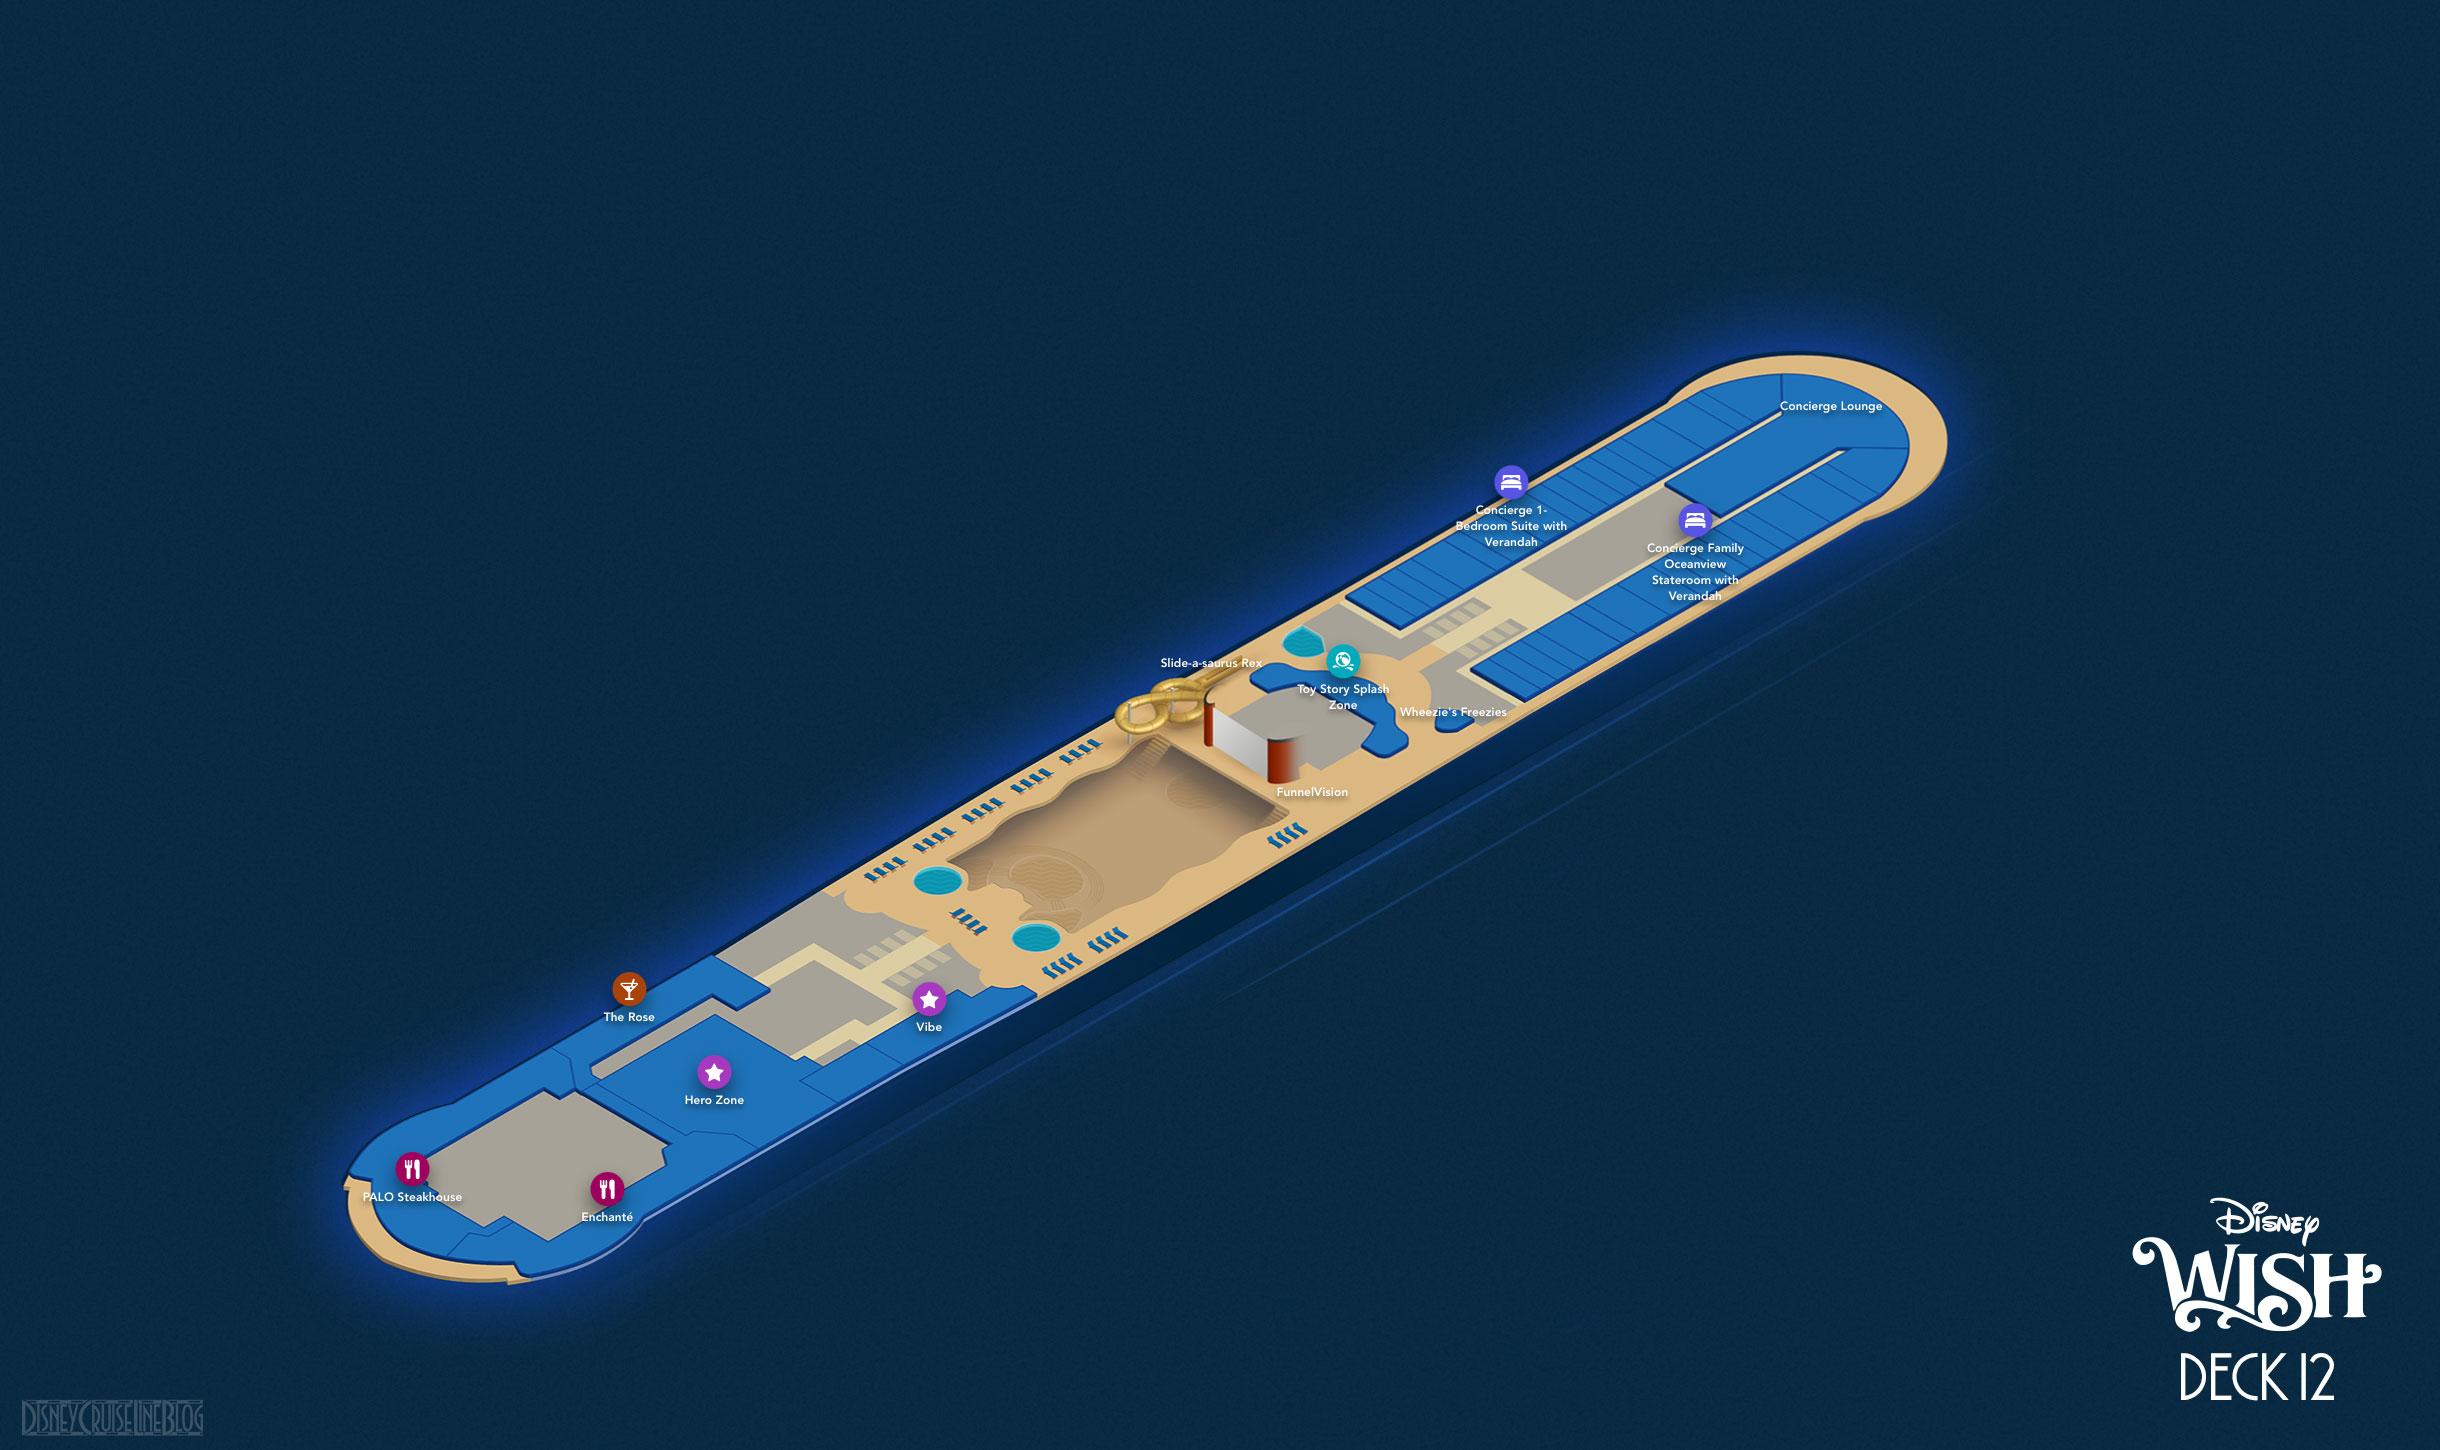 Wish Deck 12